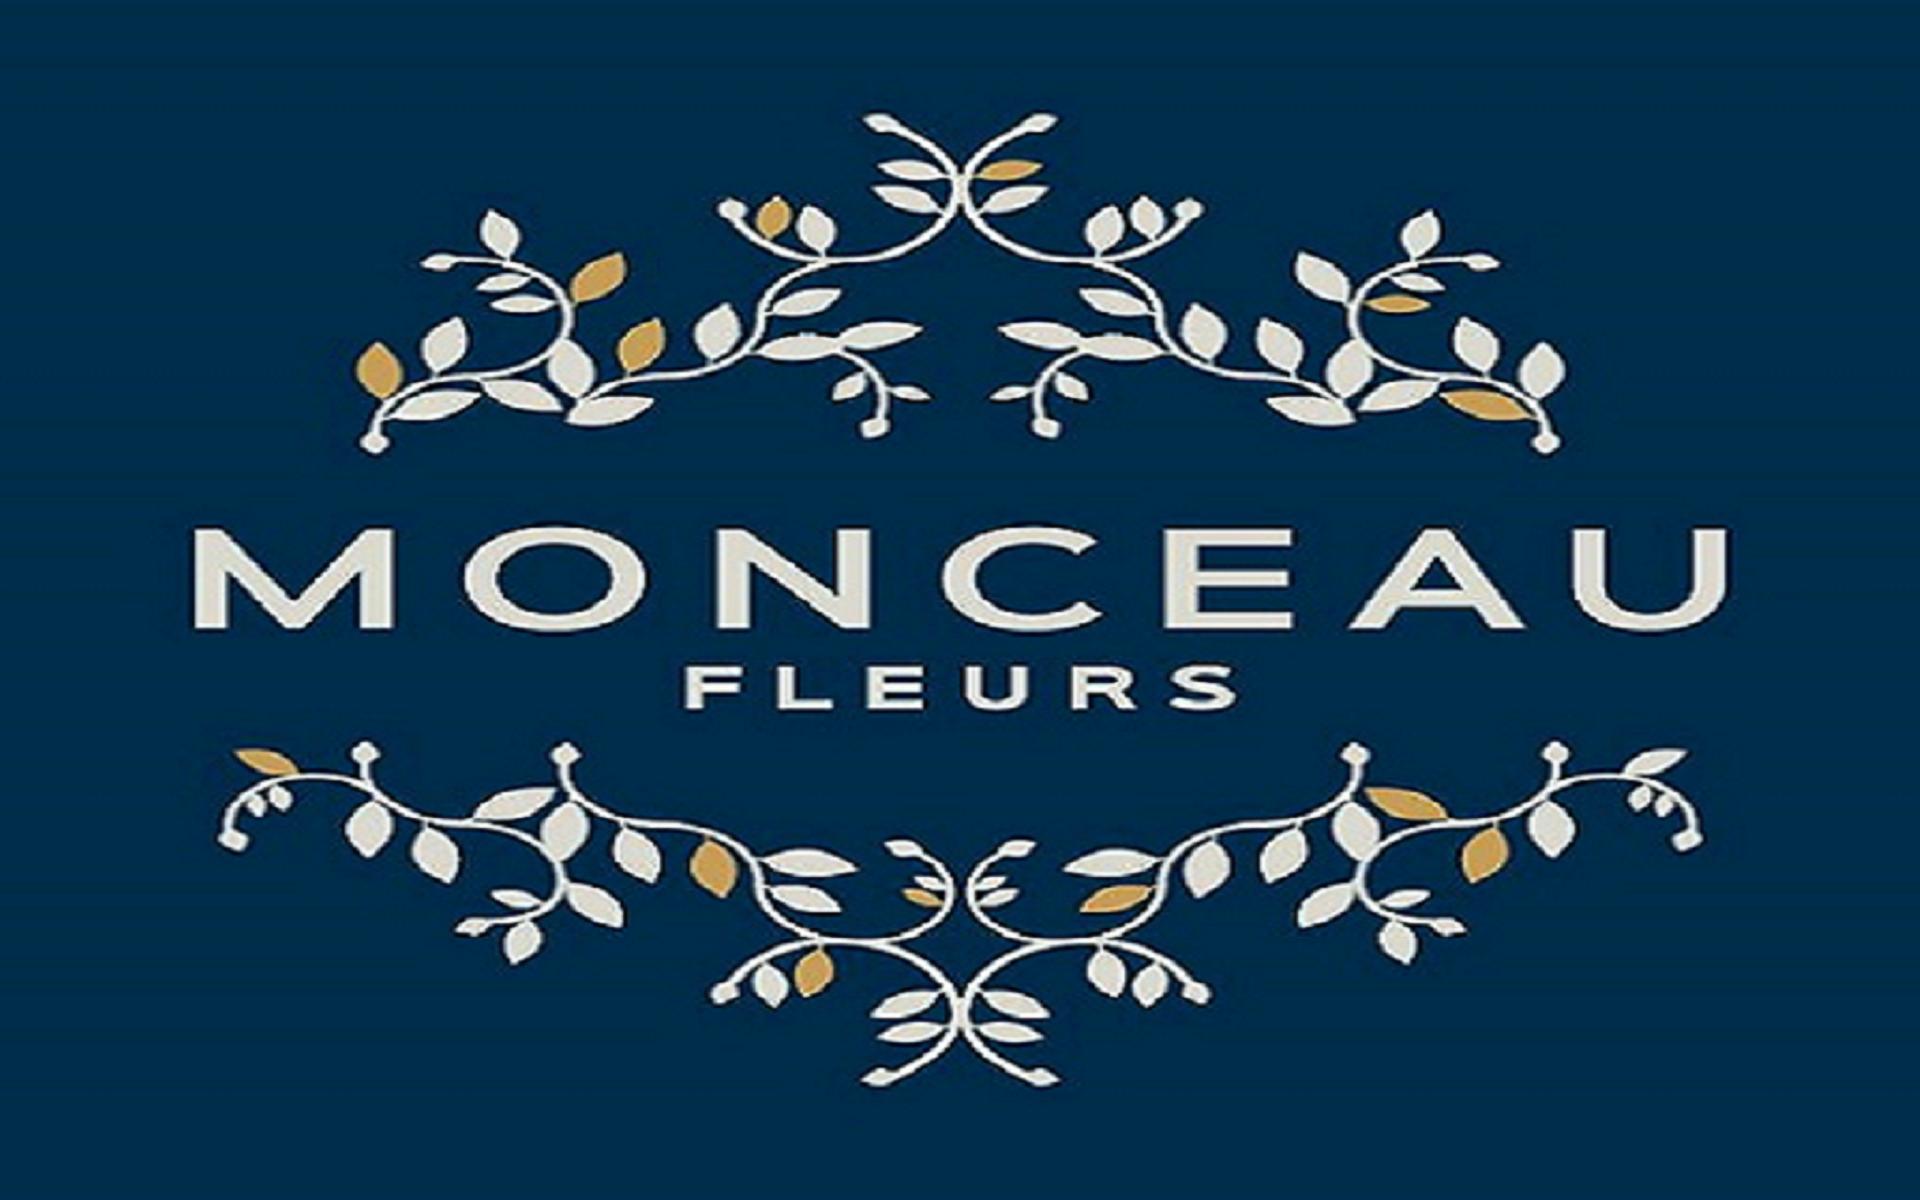 Monceau Fleurs Alges: Amazon.fr: Appstore pour Android